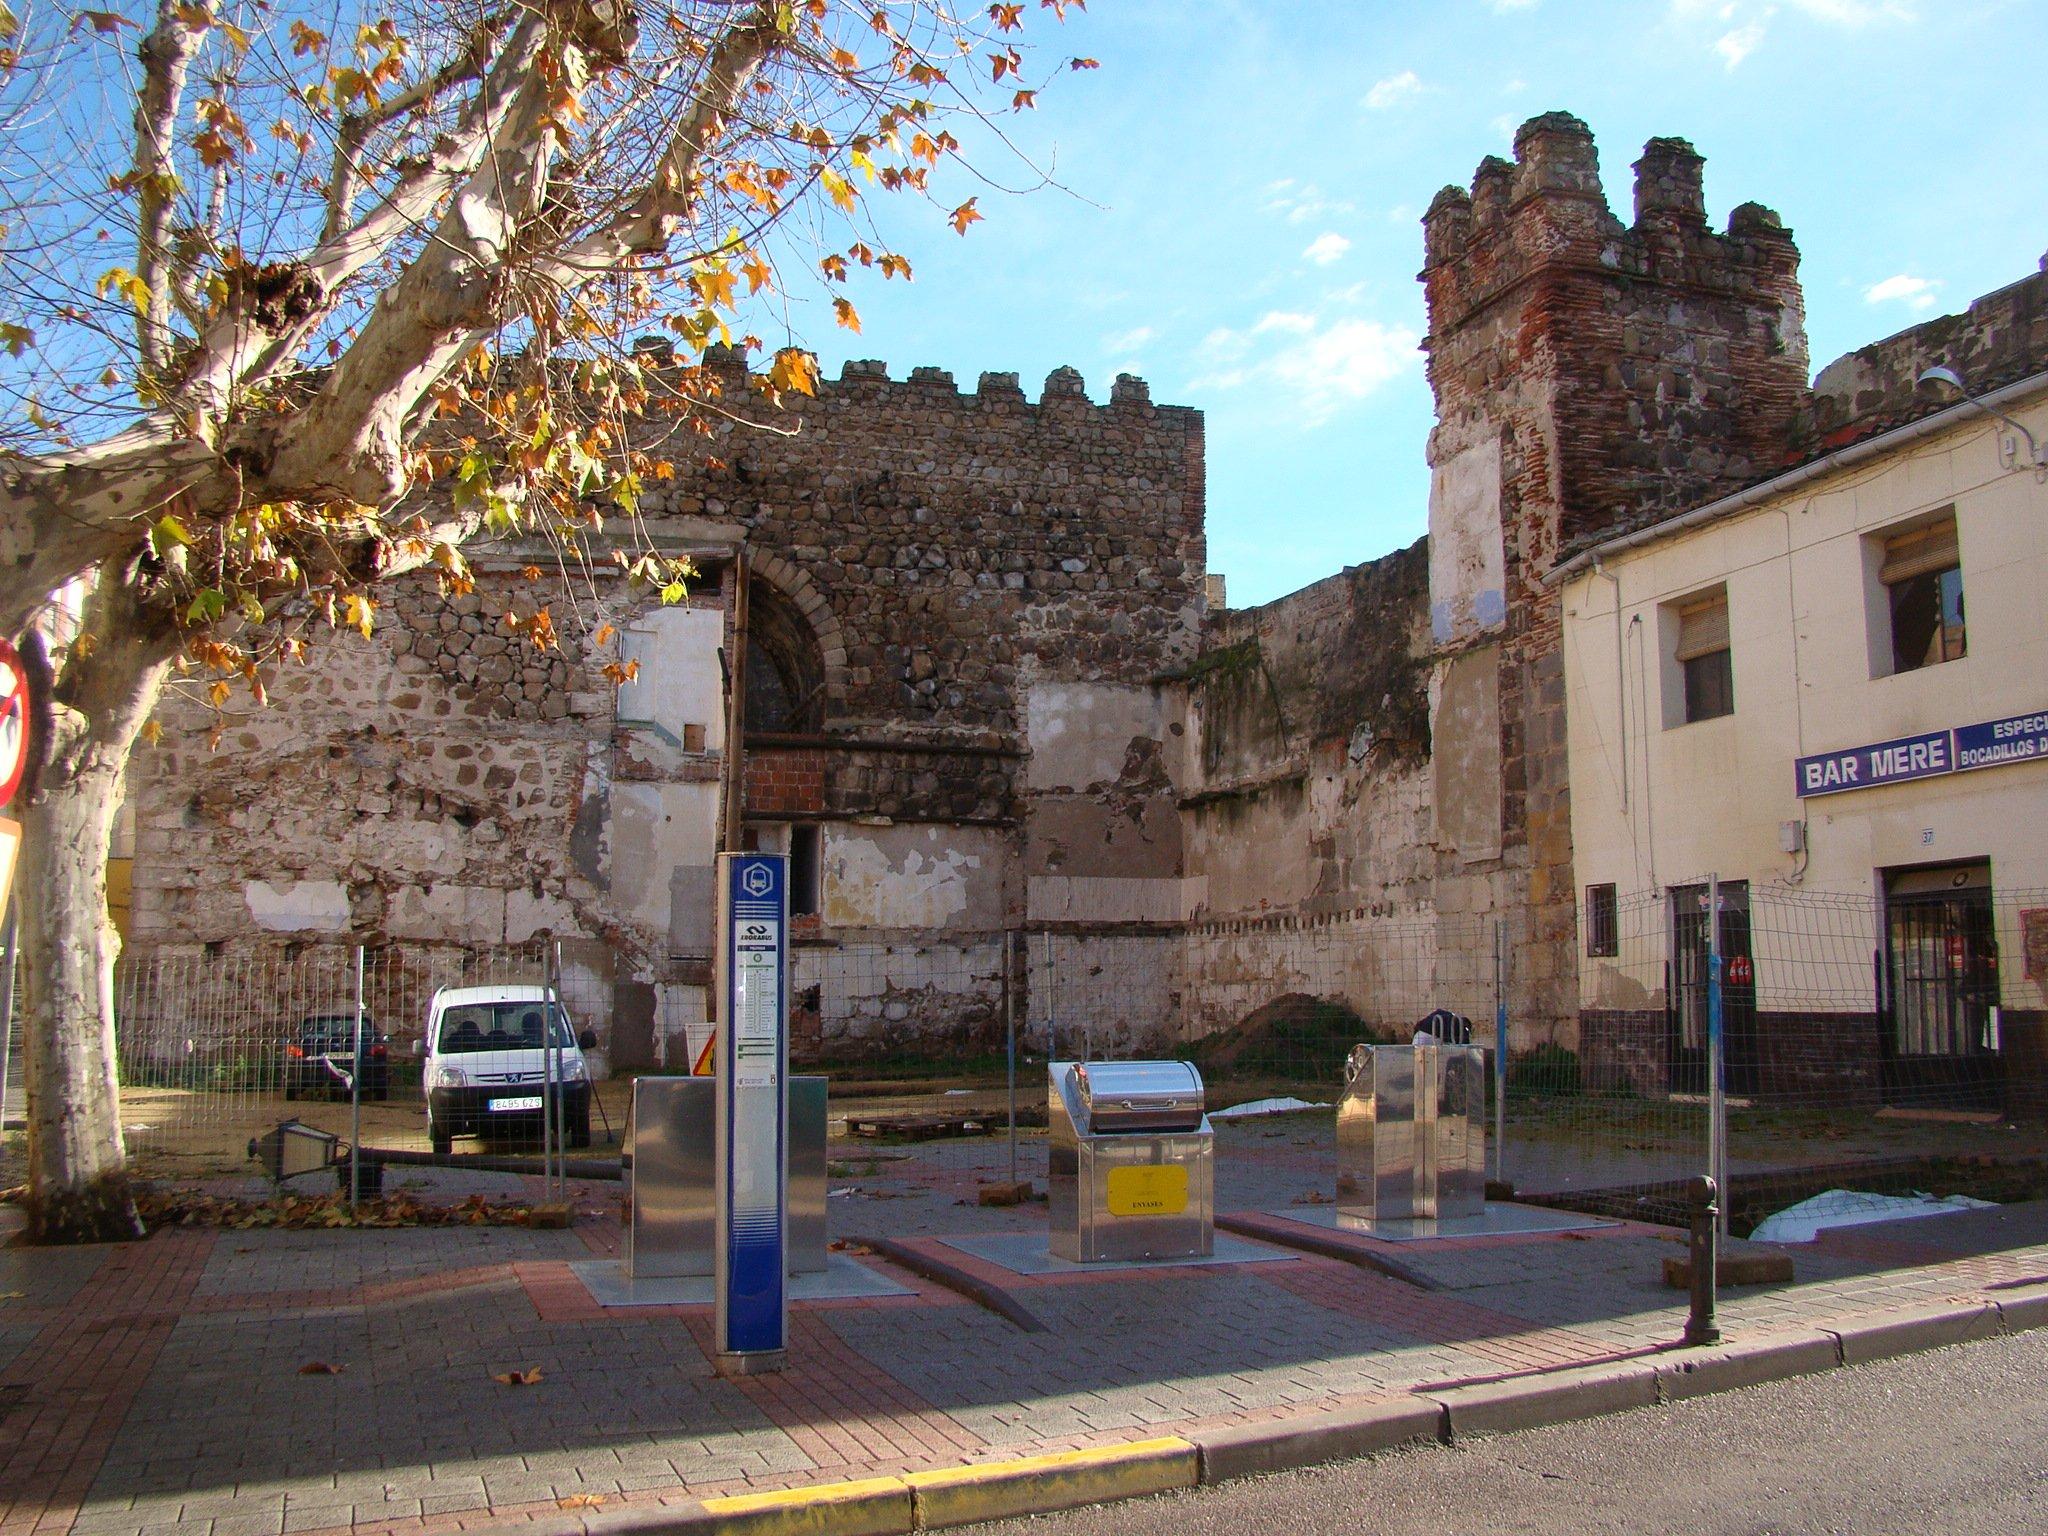 Comienzan las obras de restauración del tramo de la muralla de Corredera y Palenque